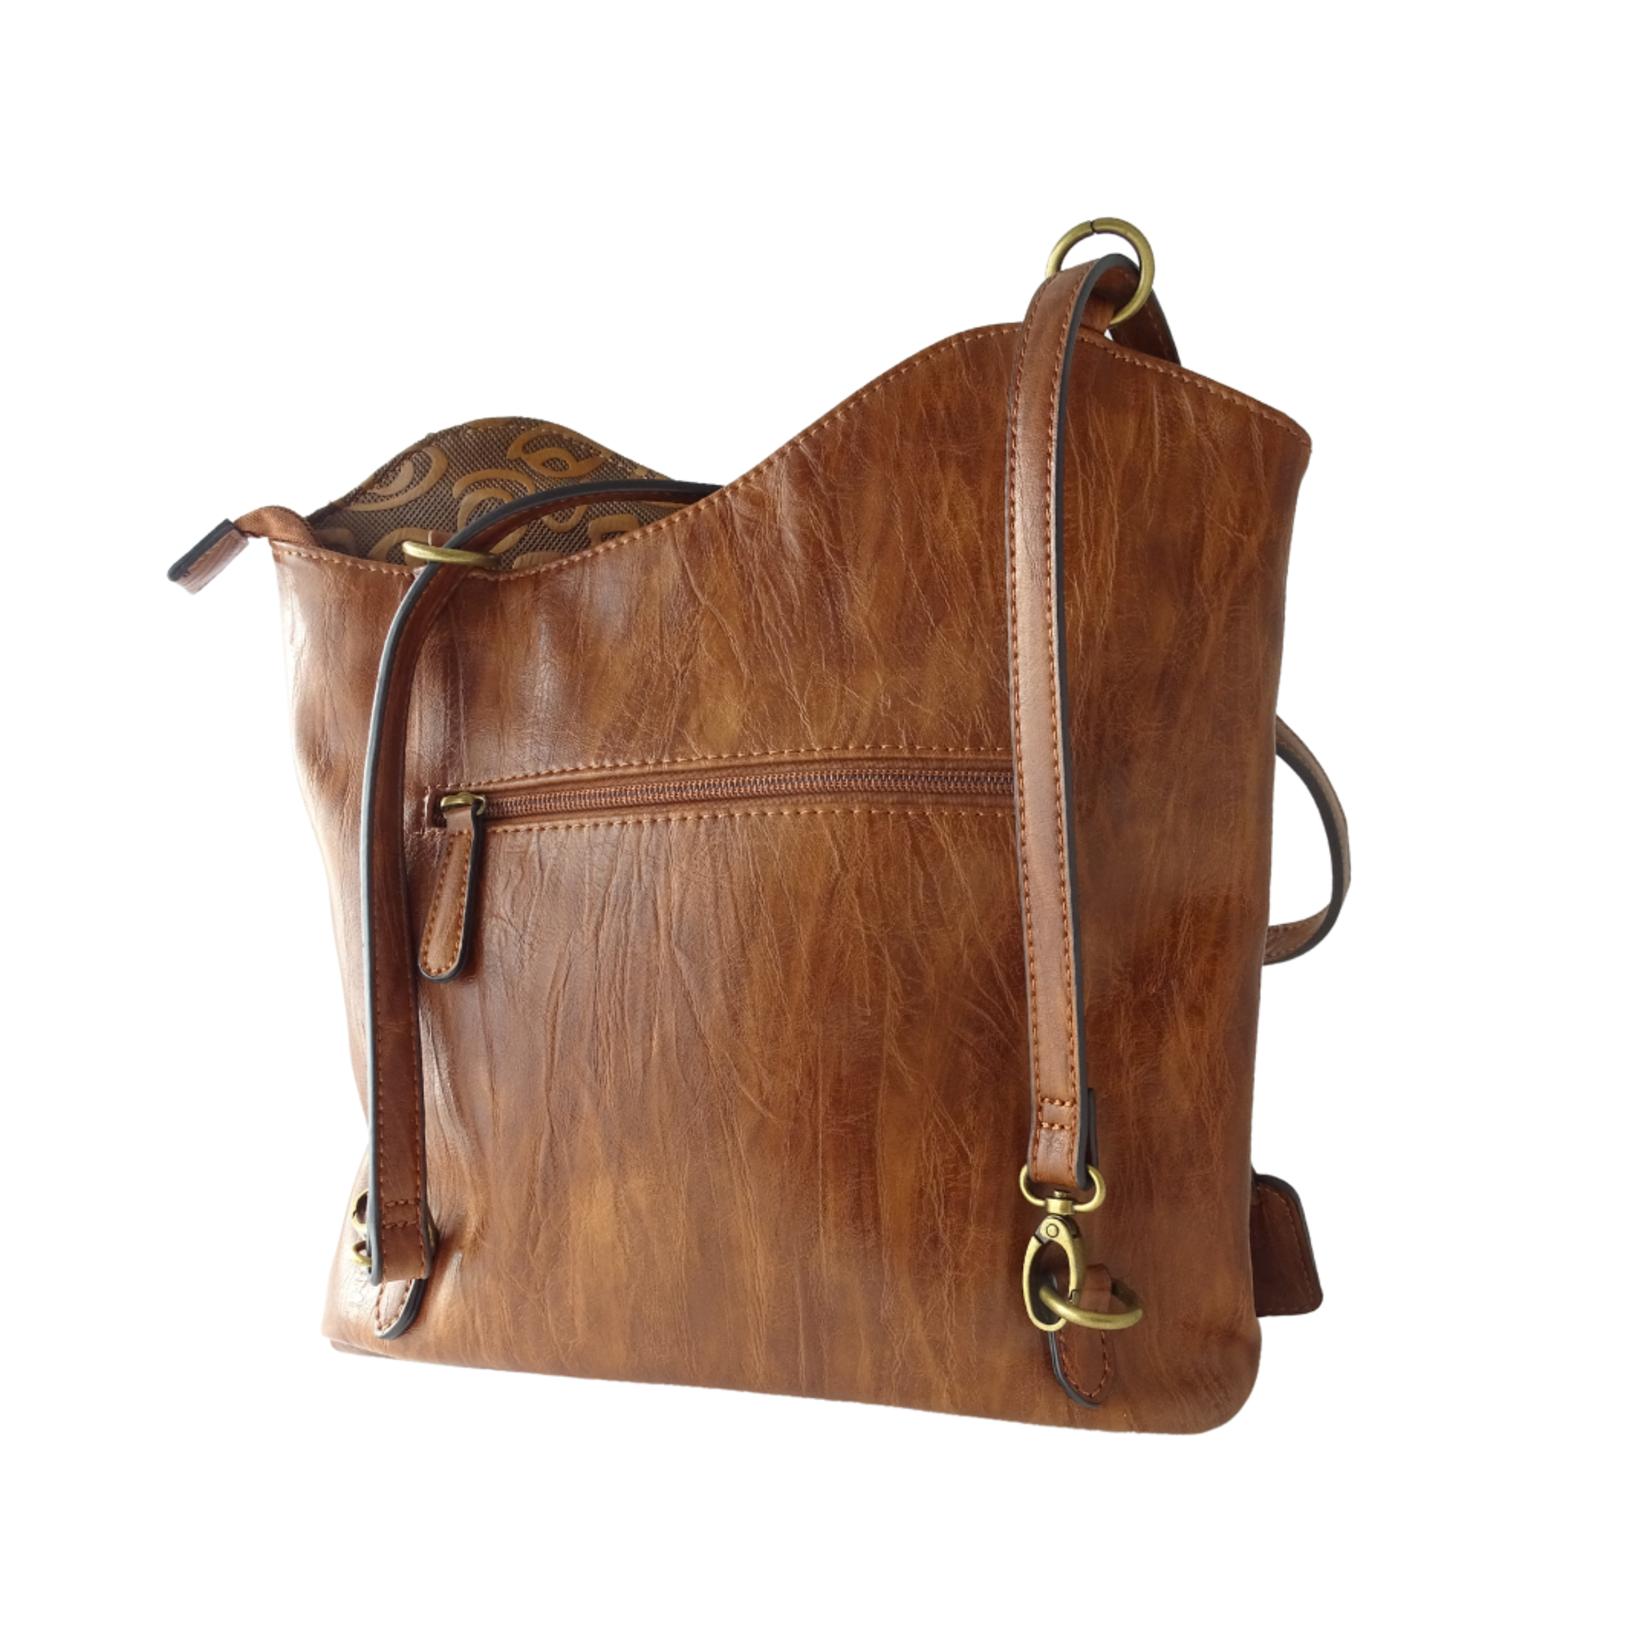 Rieker Rieker H1025-22 handbag